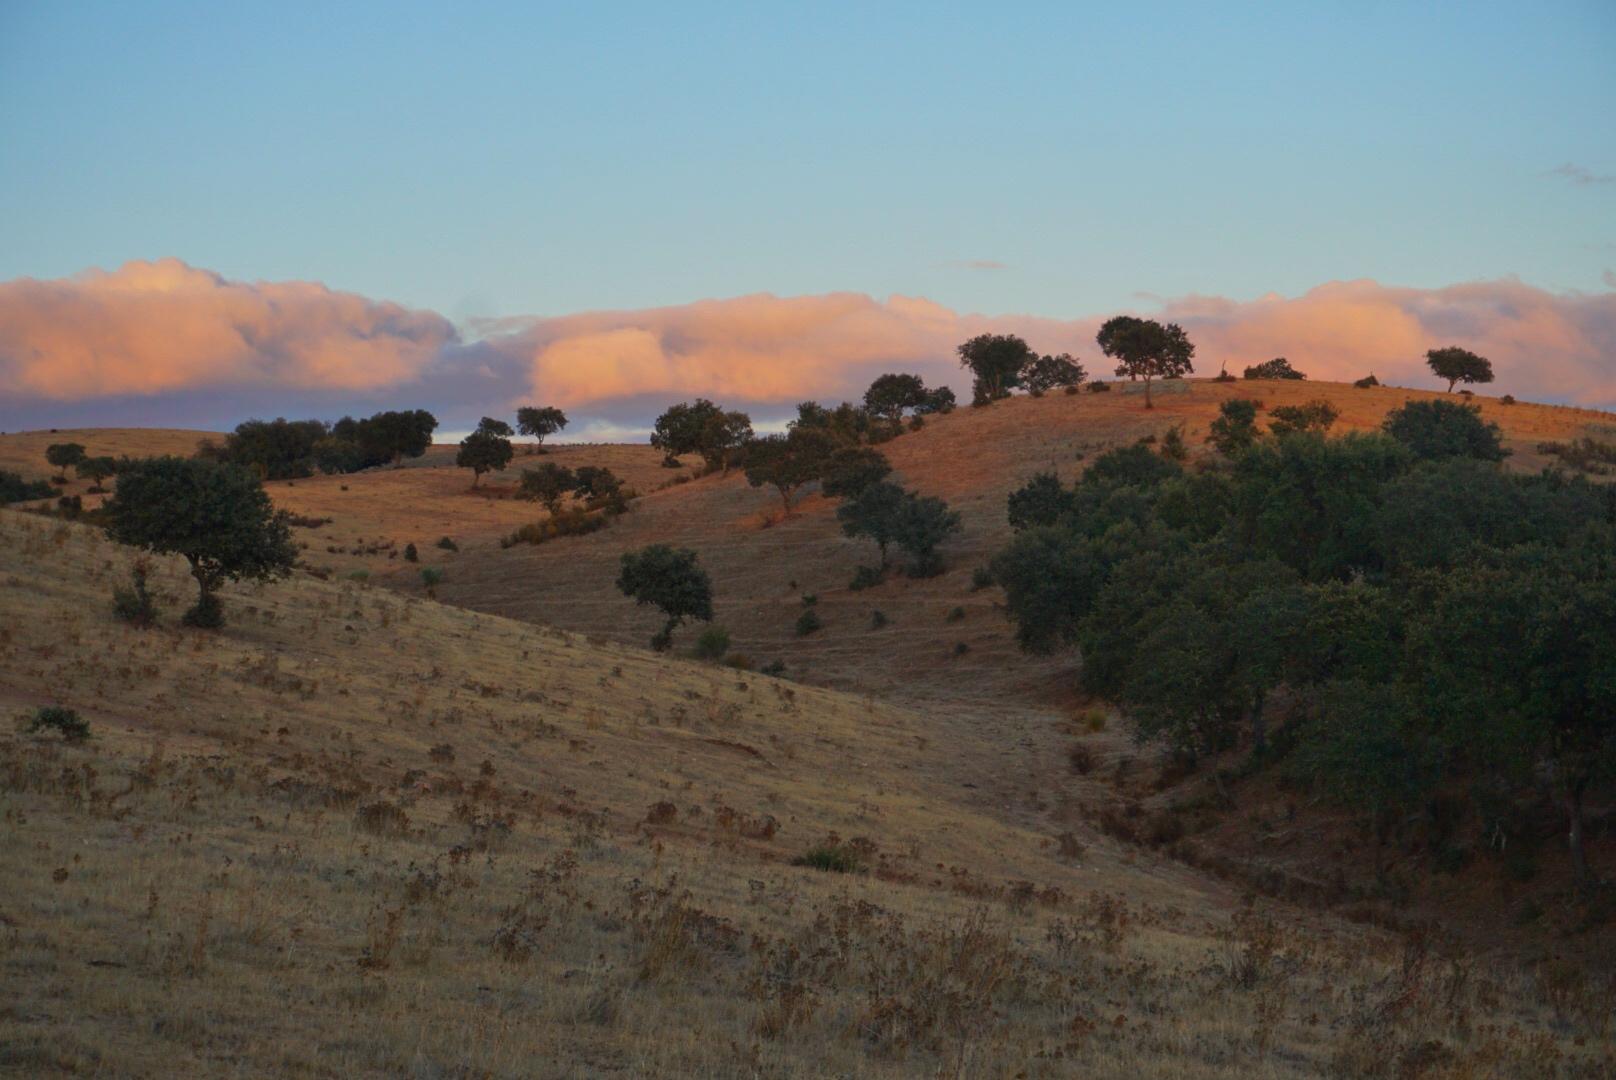 Prachtige zonsopgang in Alentejo, Portugal